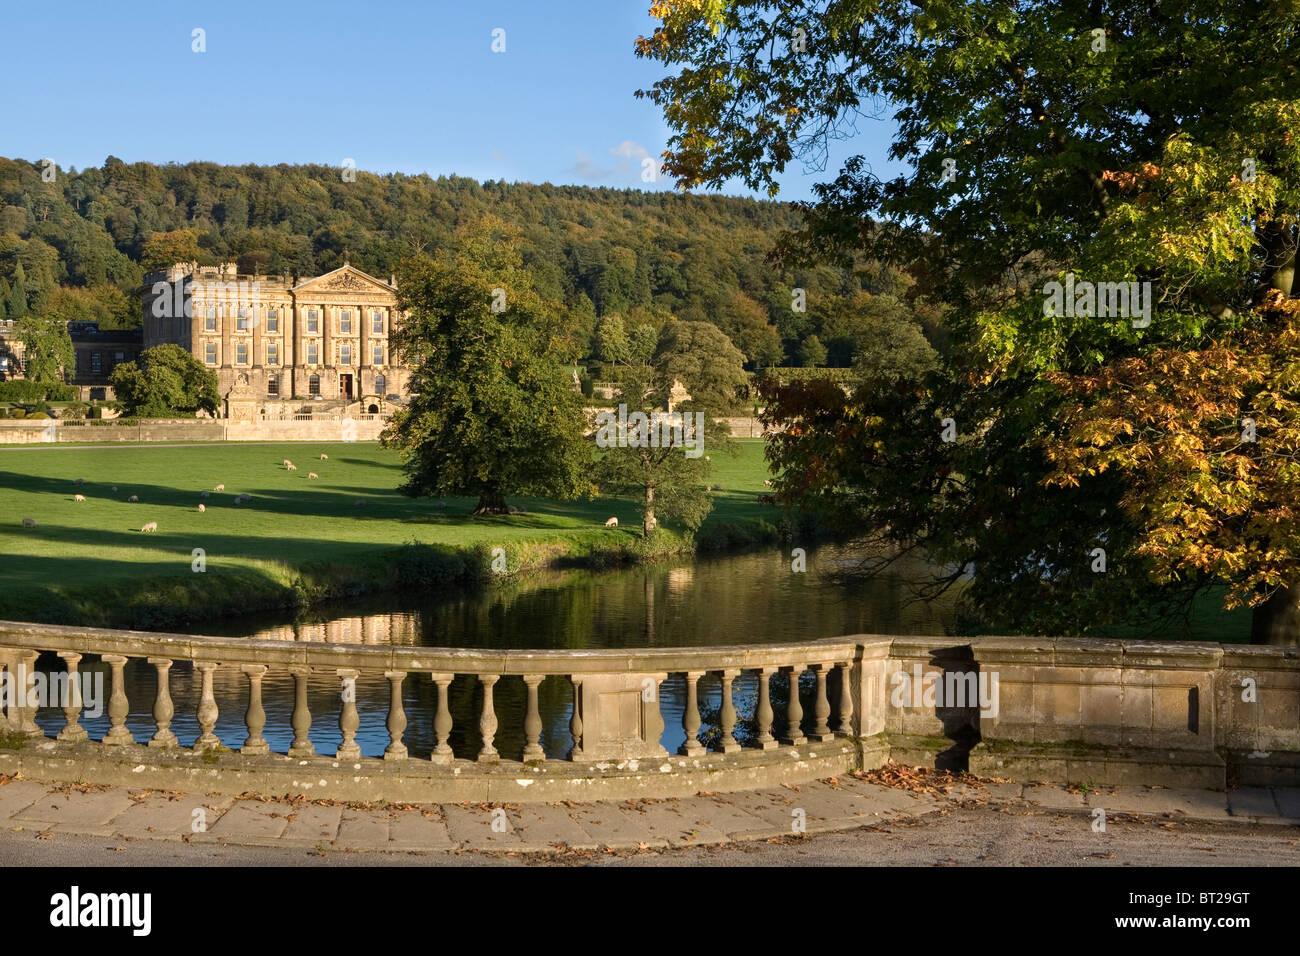 Chatsworth House, Derbyshire, England, UK - Stock Image